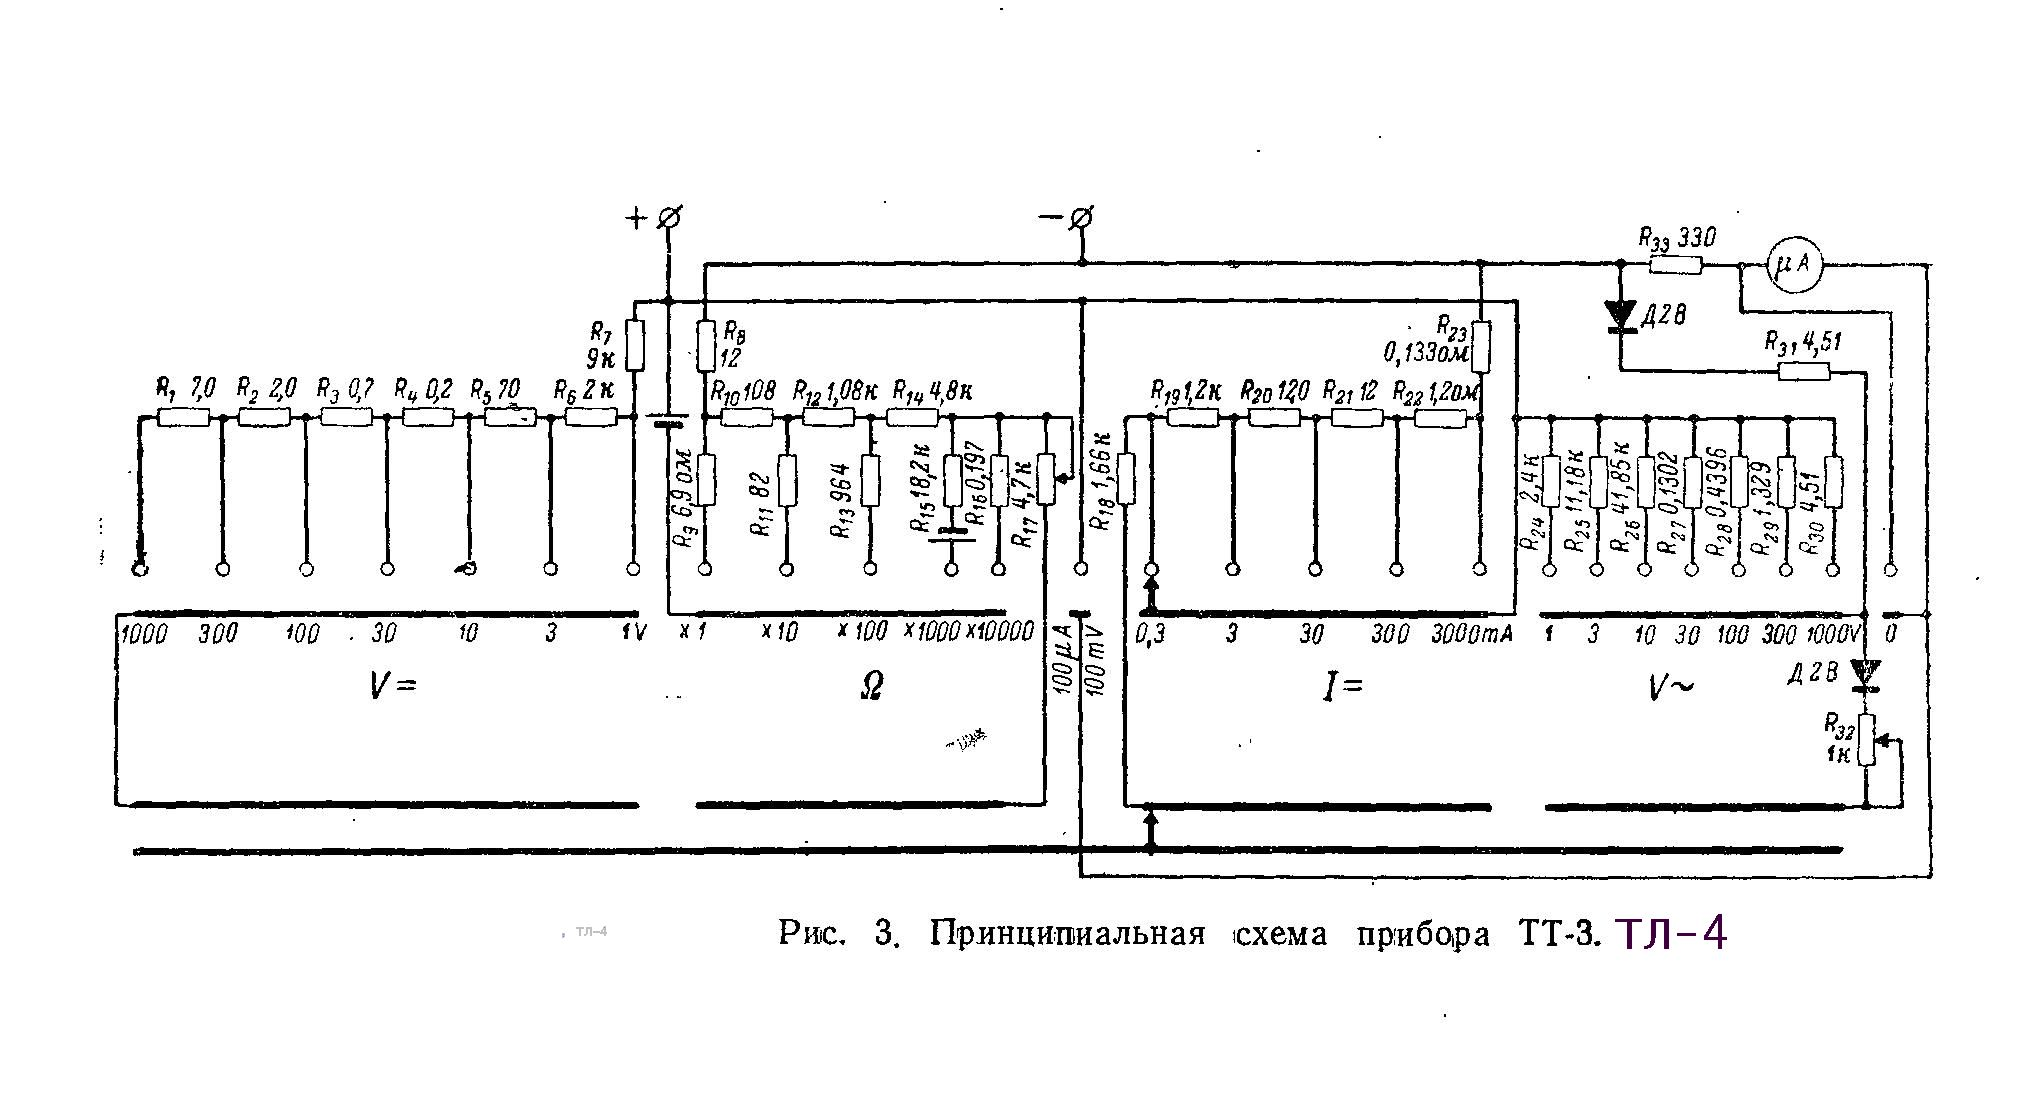 схема прибора тл 4